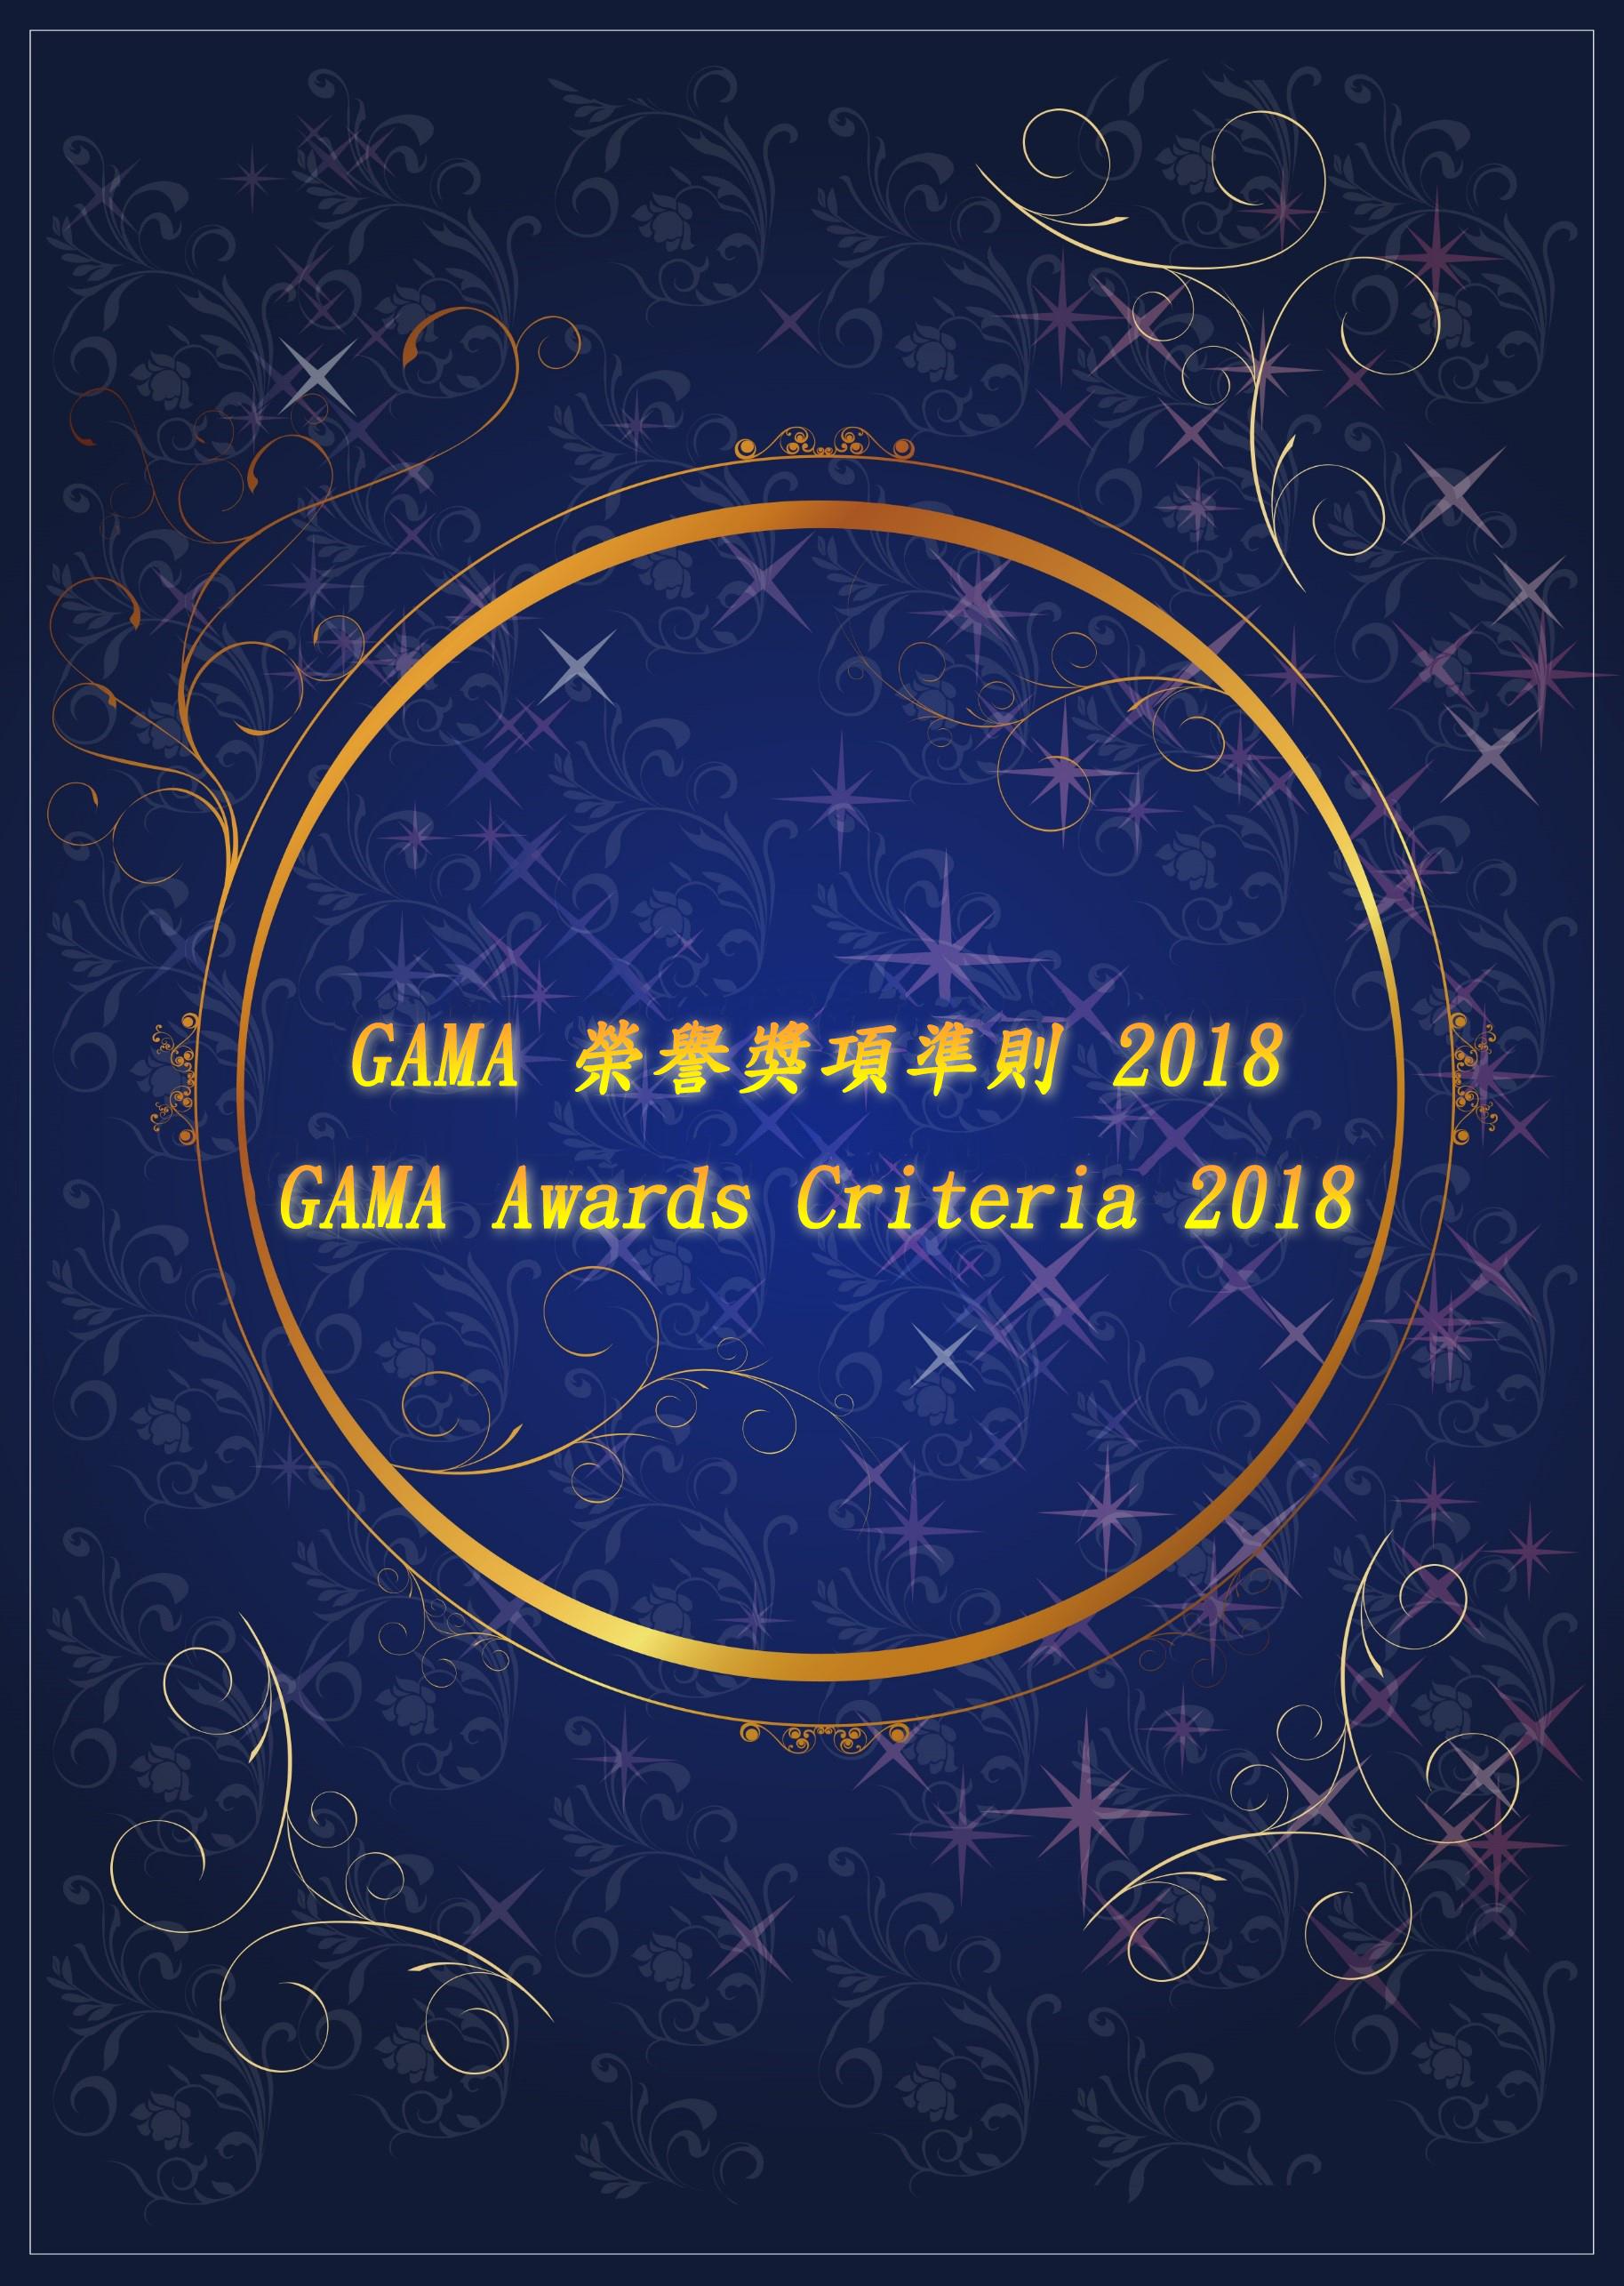 Criteria Cover 2018